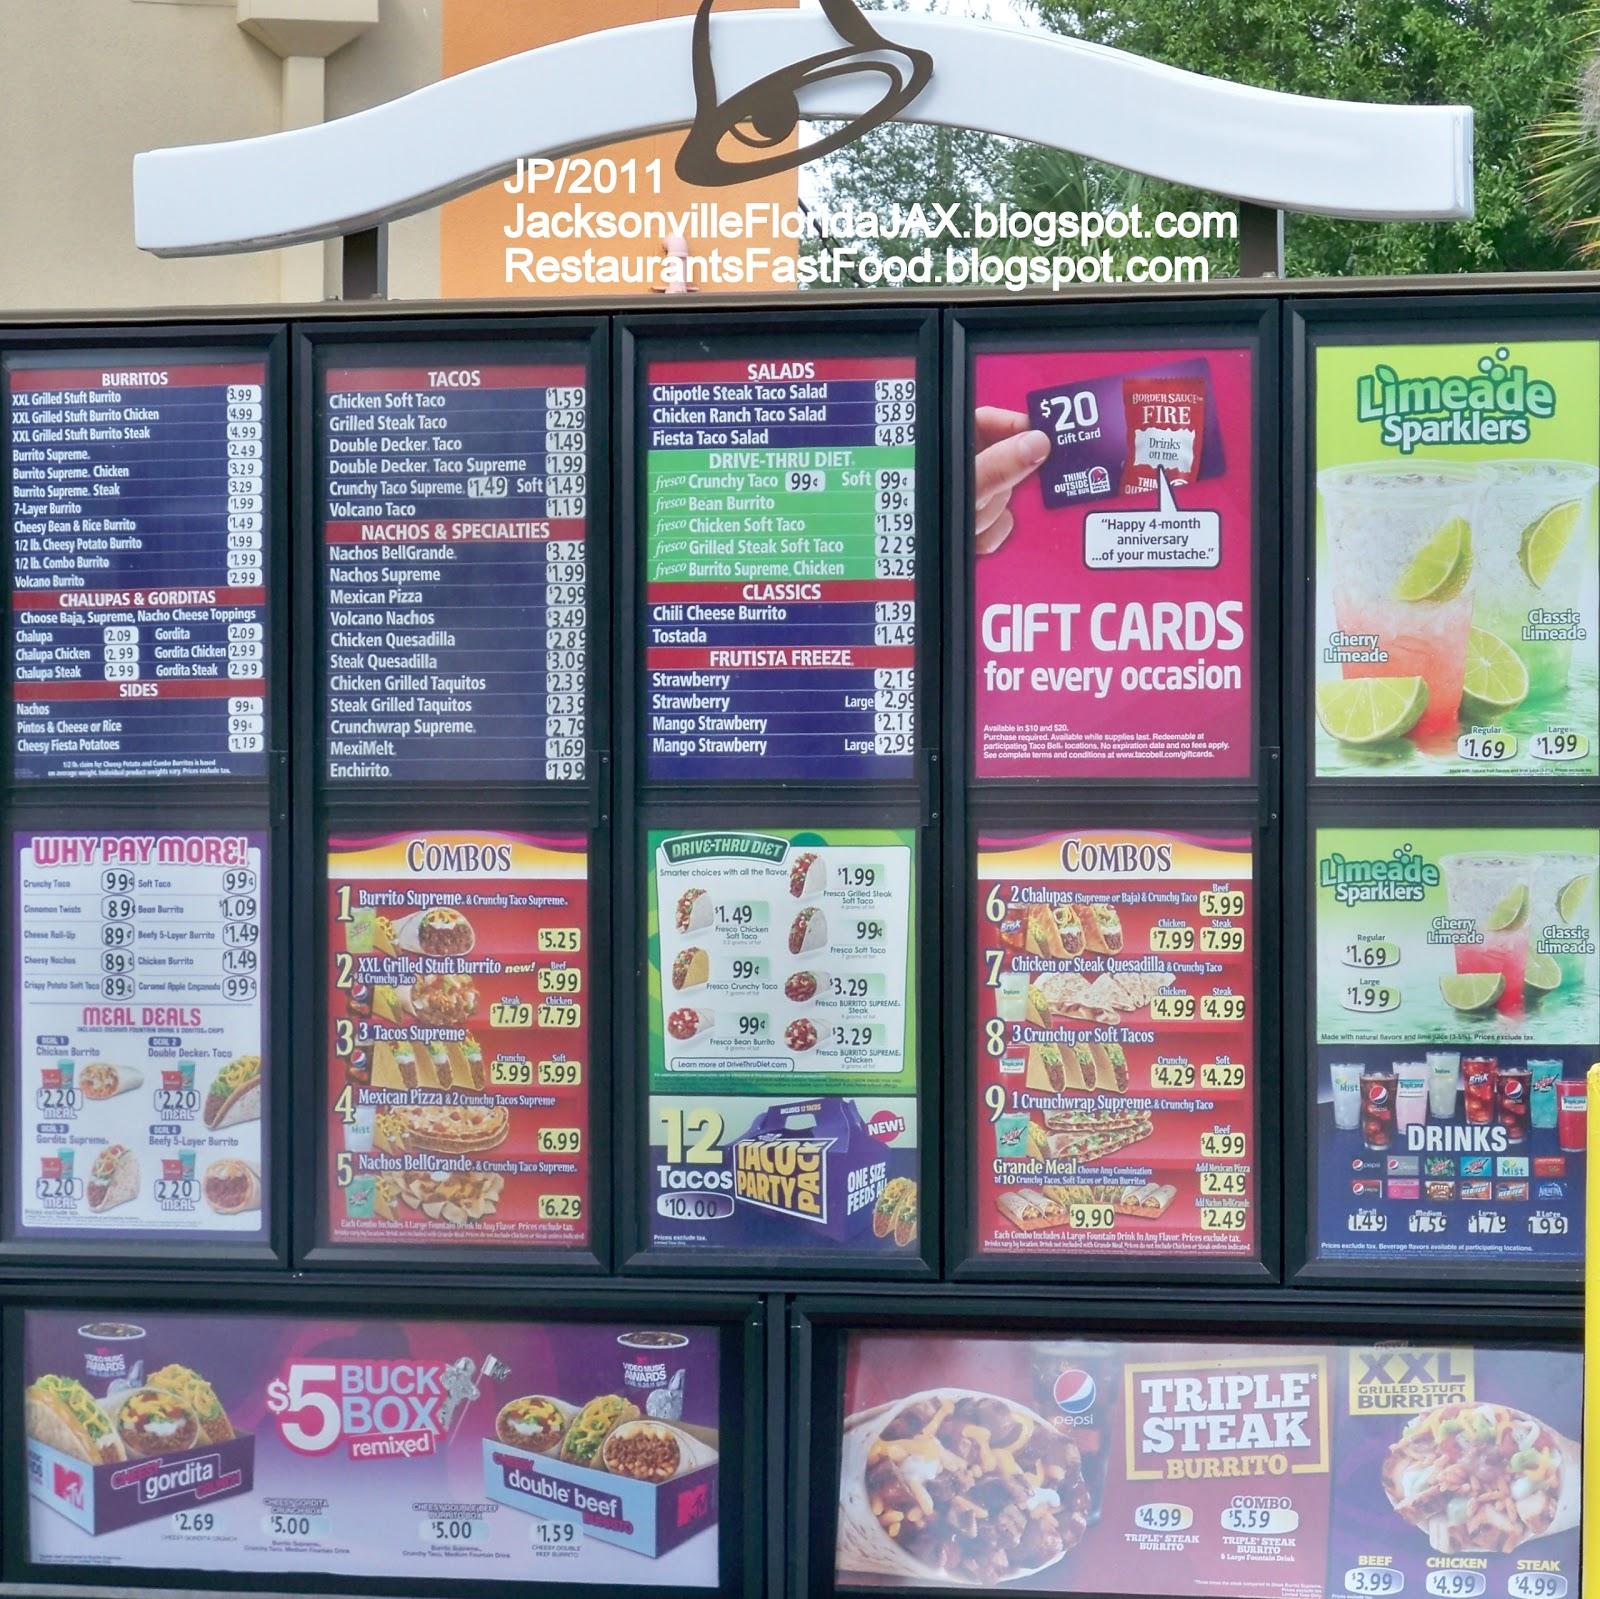 Taco Bell Menu 2013 | www.pixshark.com - Images Galleries ...  Taco